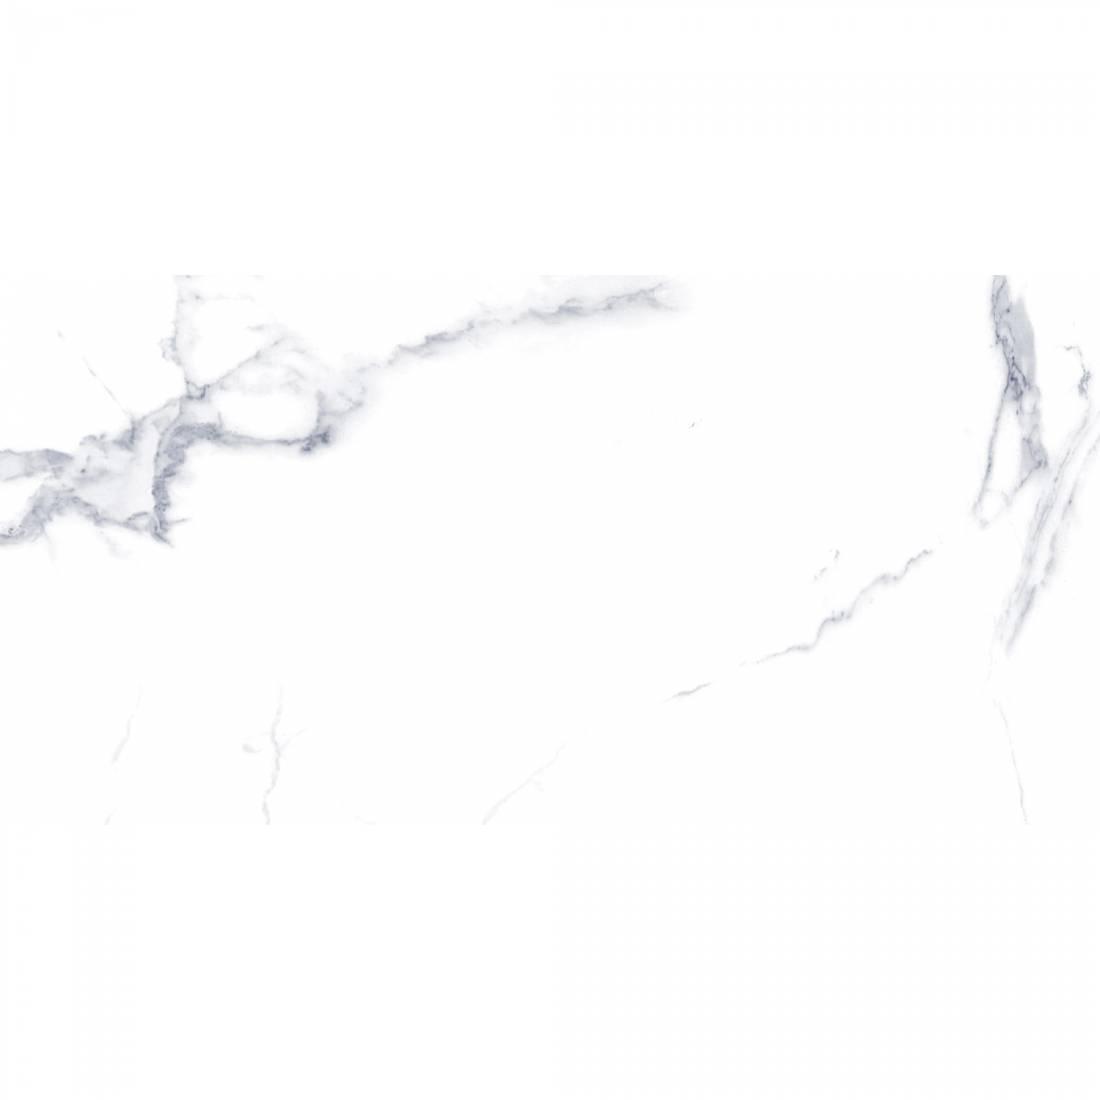 Calabria 30x60 Arabescato Gloss 1